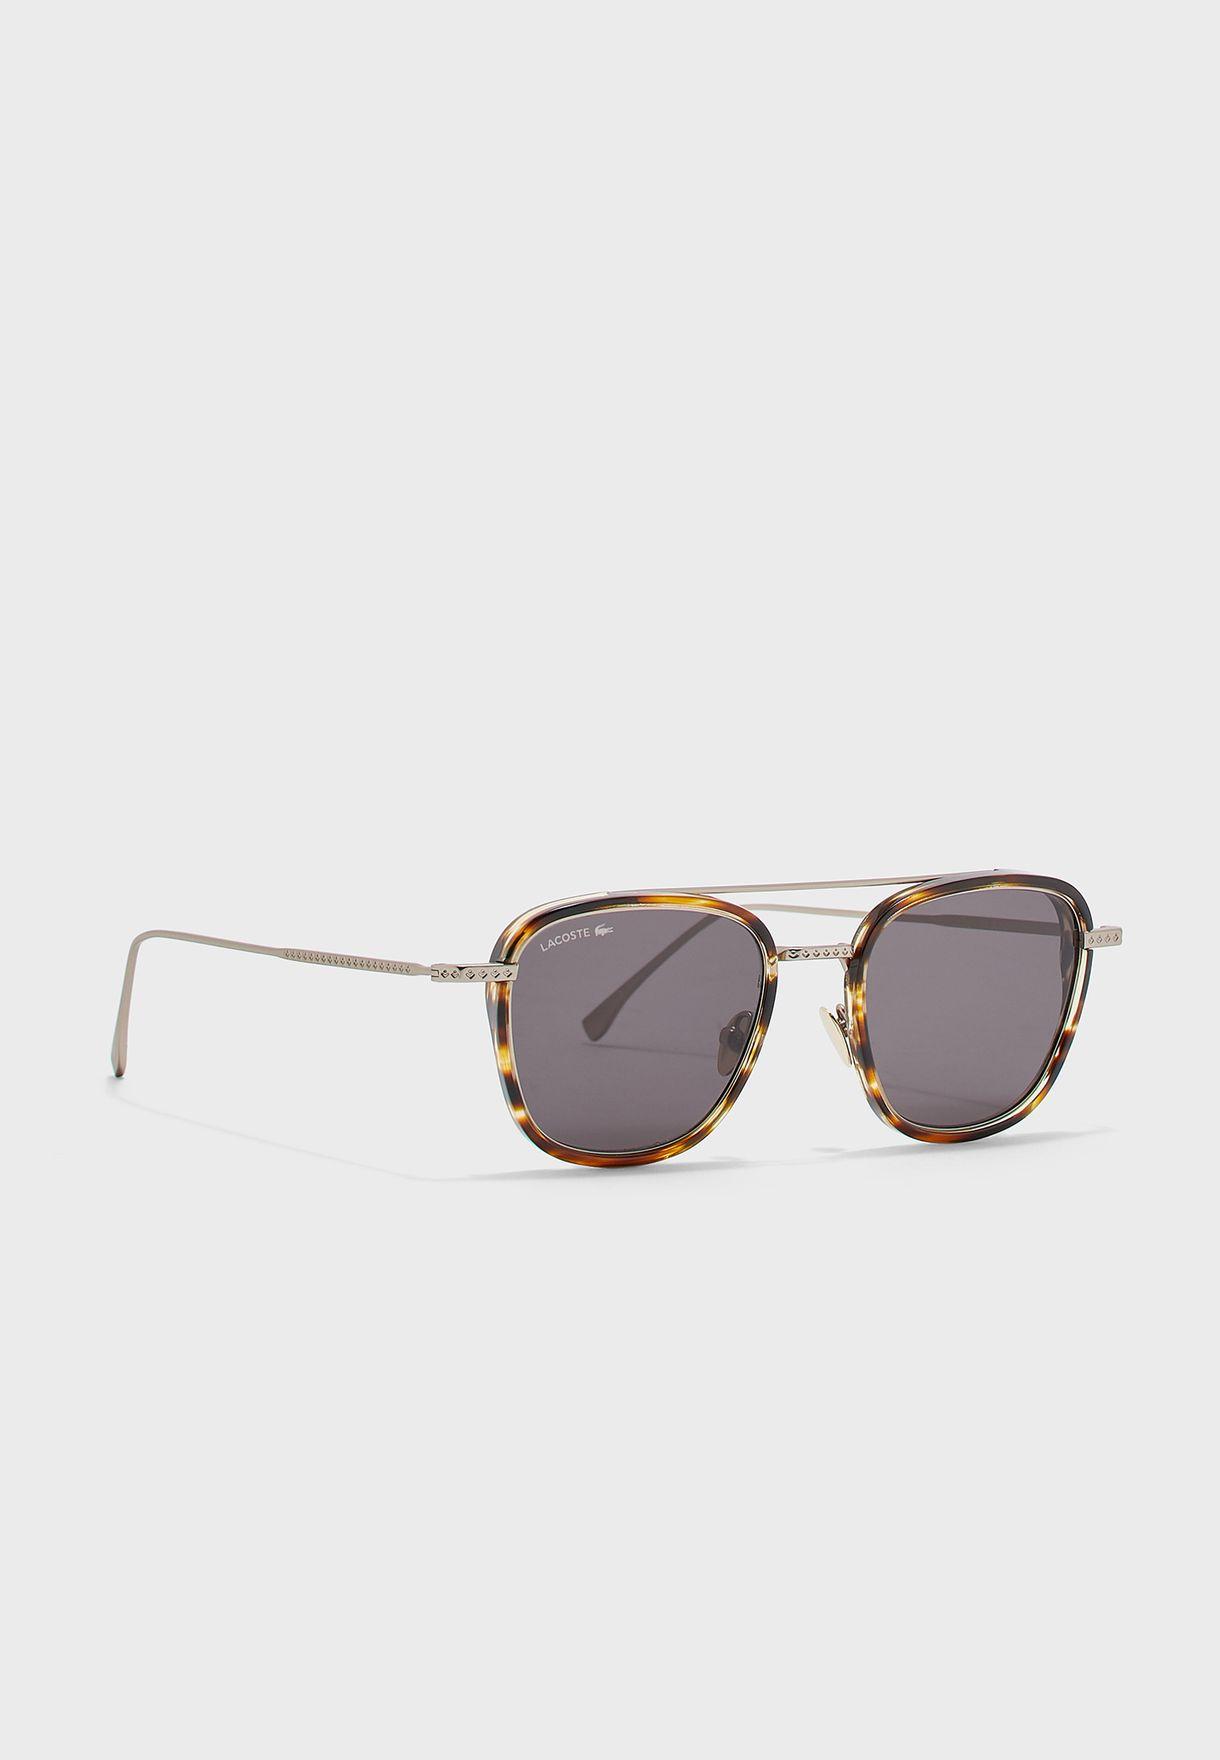 نظارة شمسية من مجموعة نوفاك دجوكوفيتش